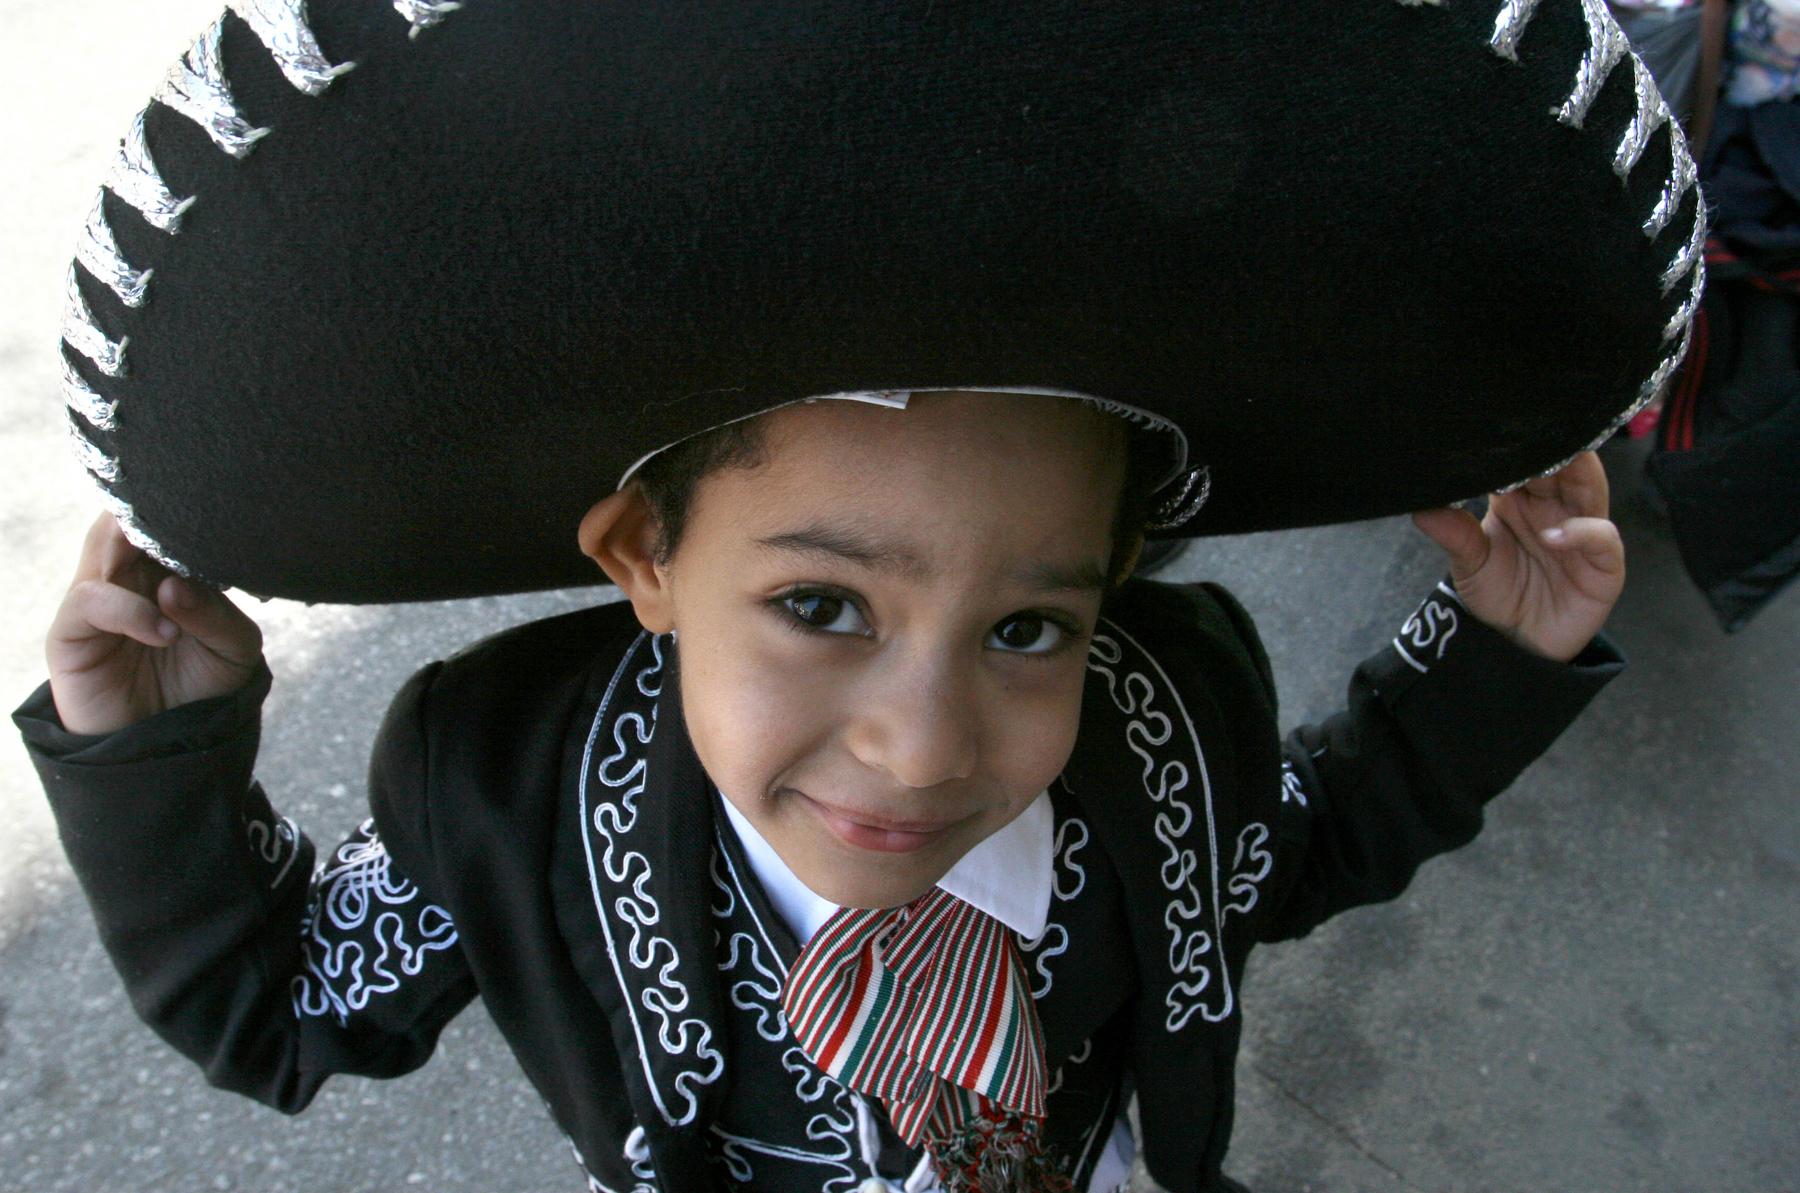 Menino usa um traje de mariachi (© AP Images)